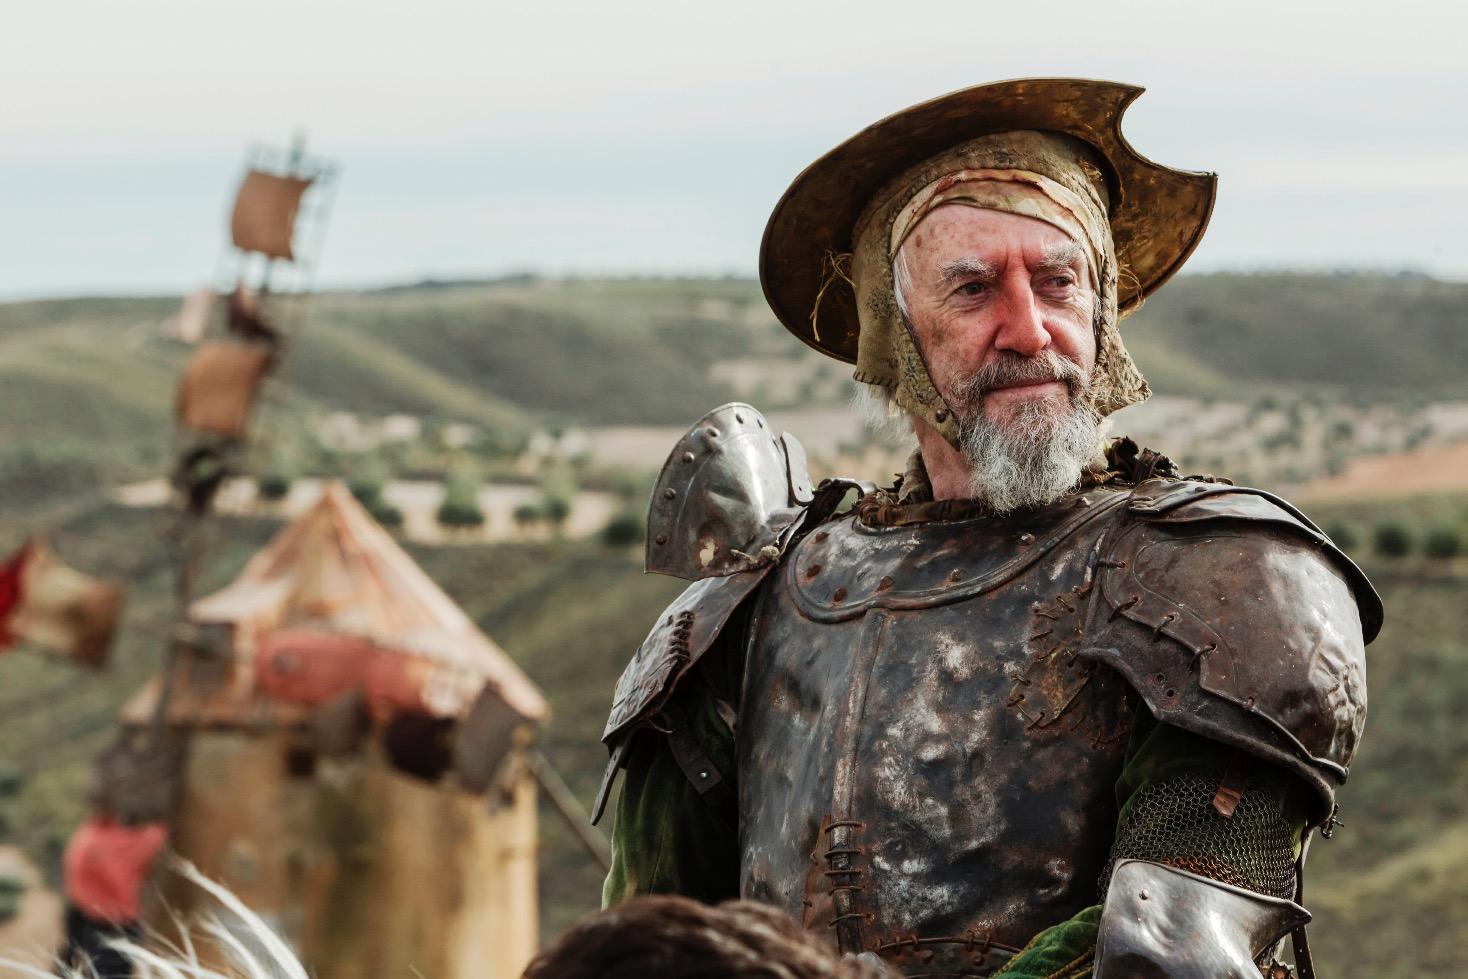 Купить билеты в кино на Человек, который убил Дон Кихота. The Man Who Killed Don Quixote   расписание сеансов, трейлер, обзор фильма, отзывы — ParkSeason